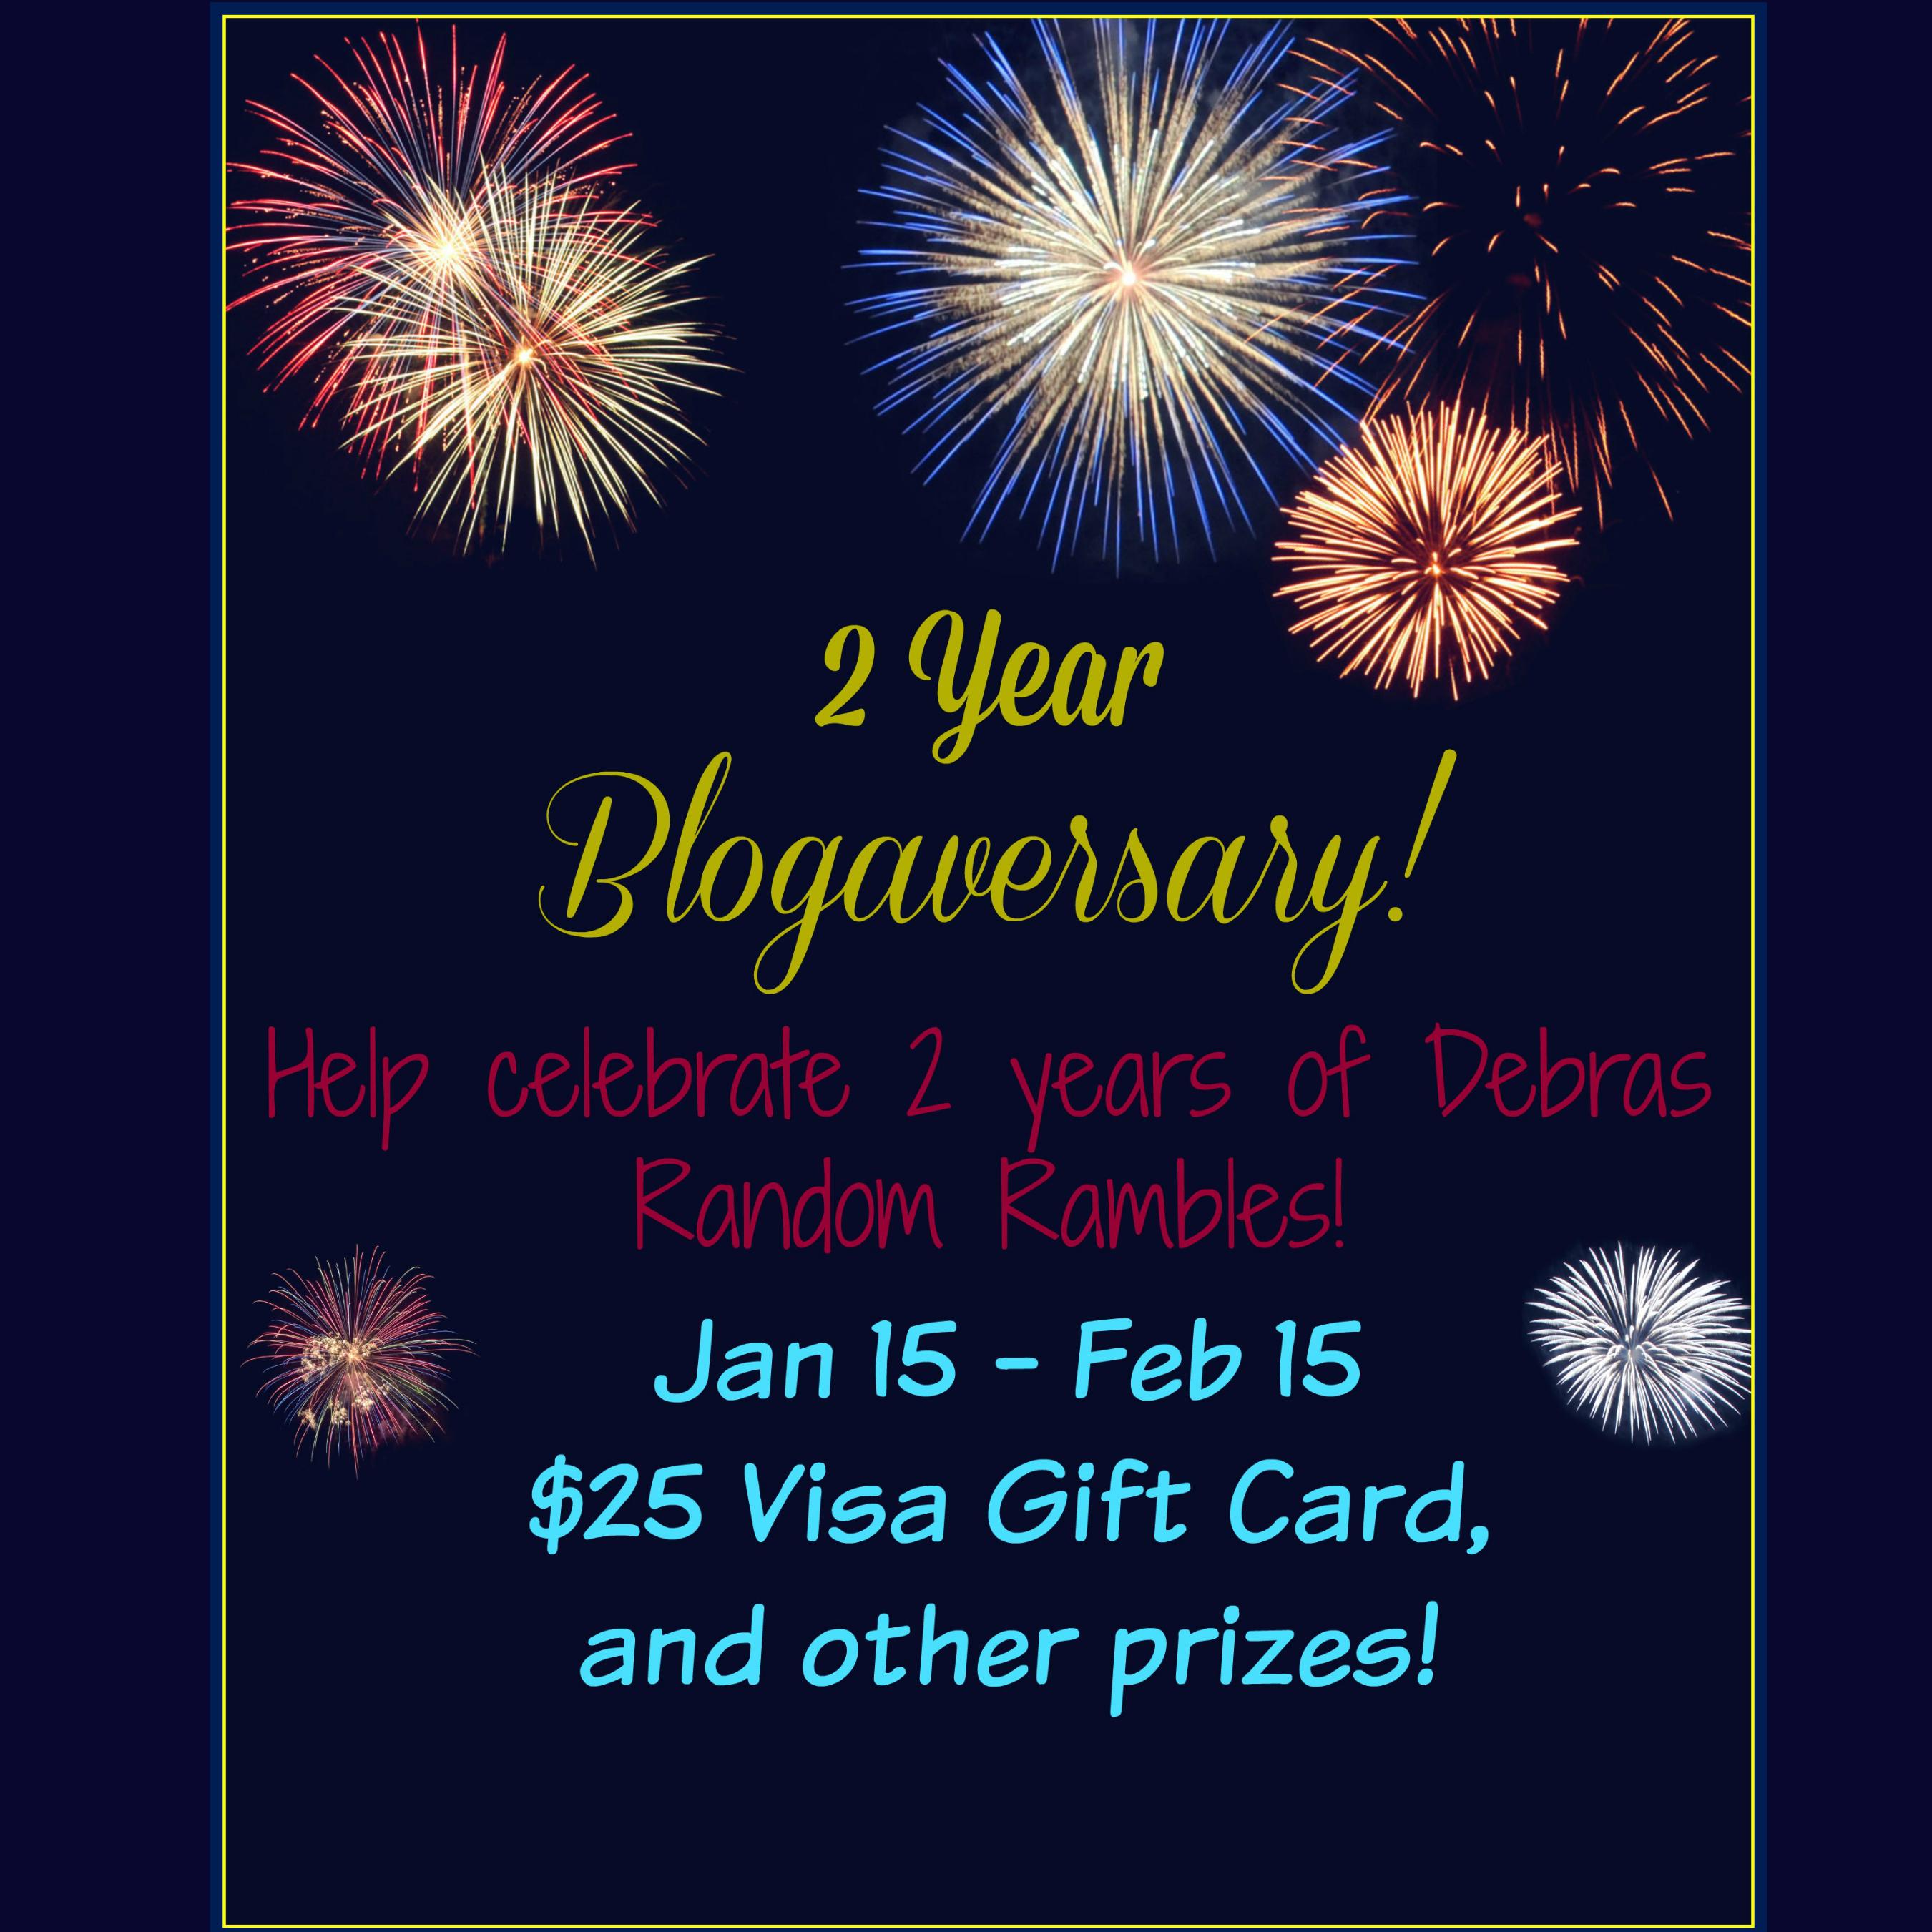 2 Year Blogaversary Party